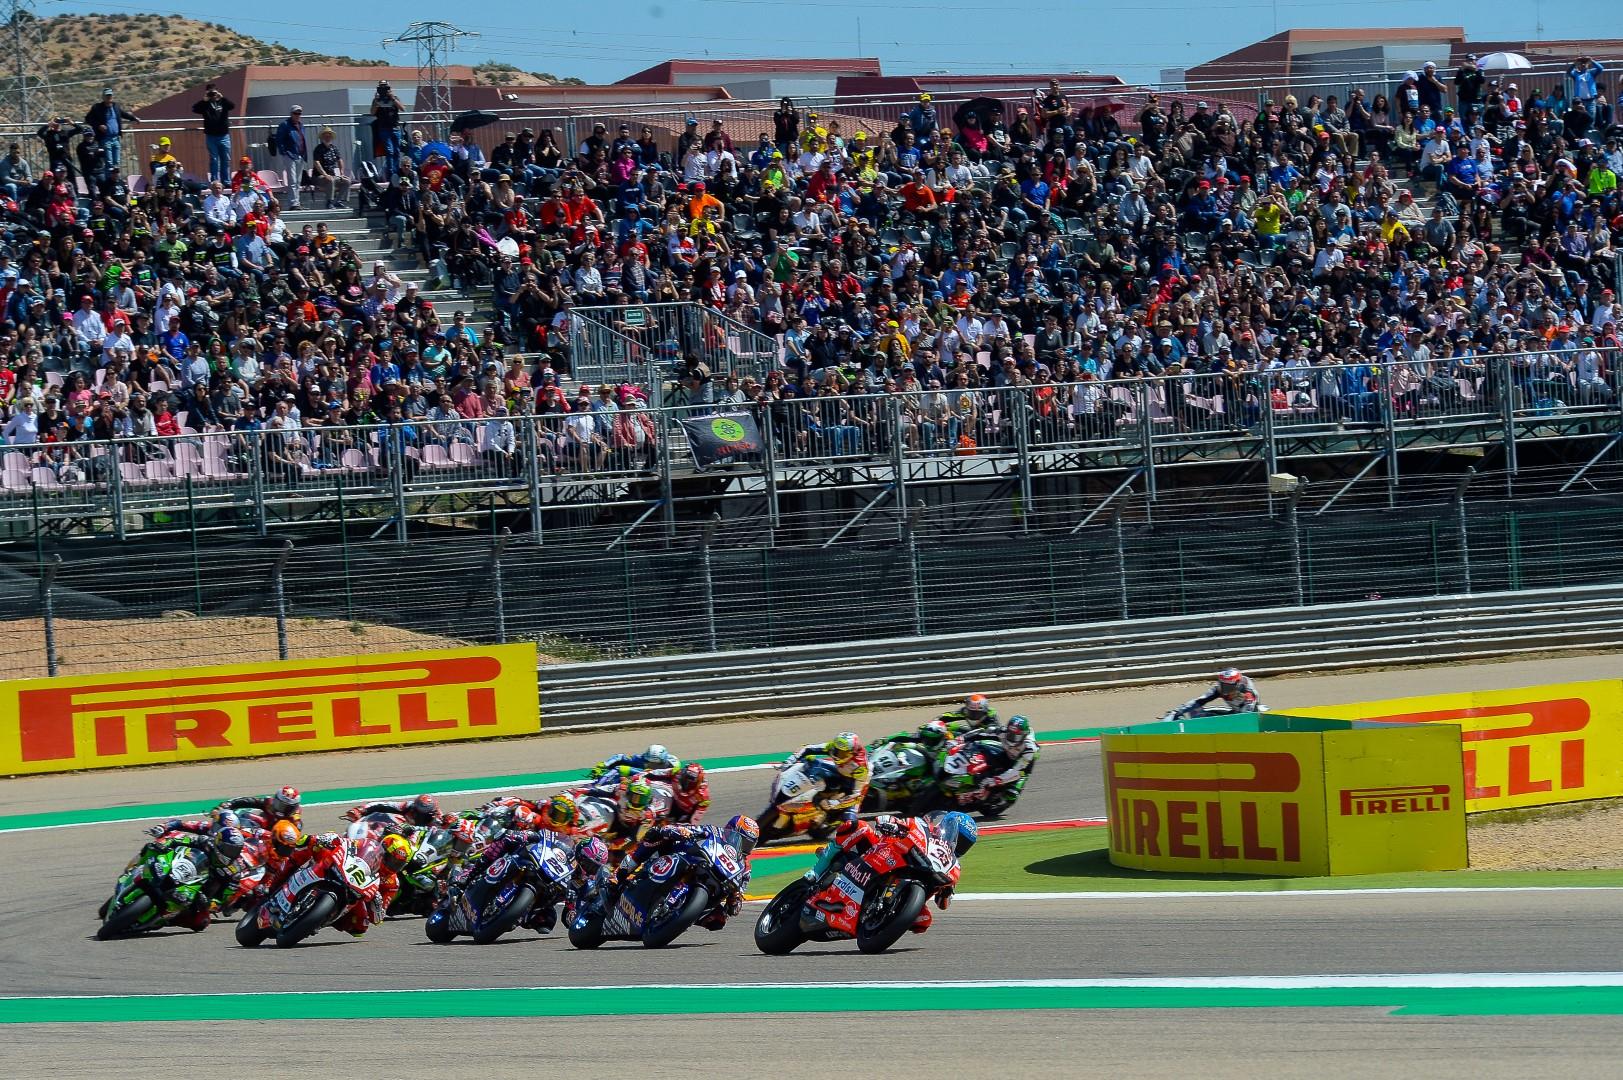 WSBK Aragón: 6 carreras, Álvaro Bautista líder y mucho ocio para los aficionados